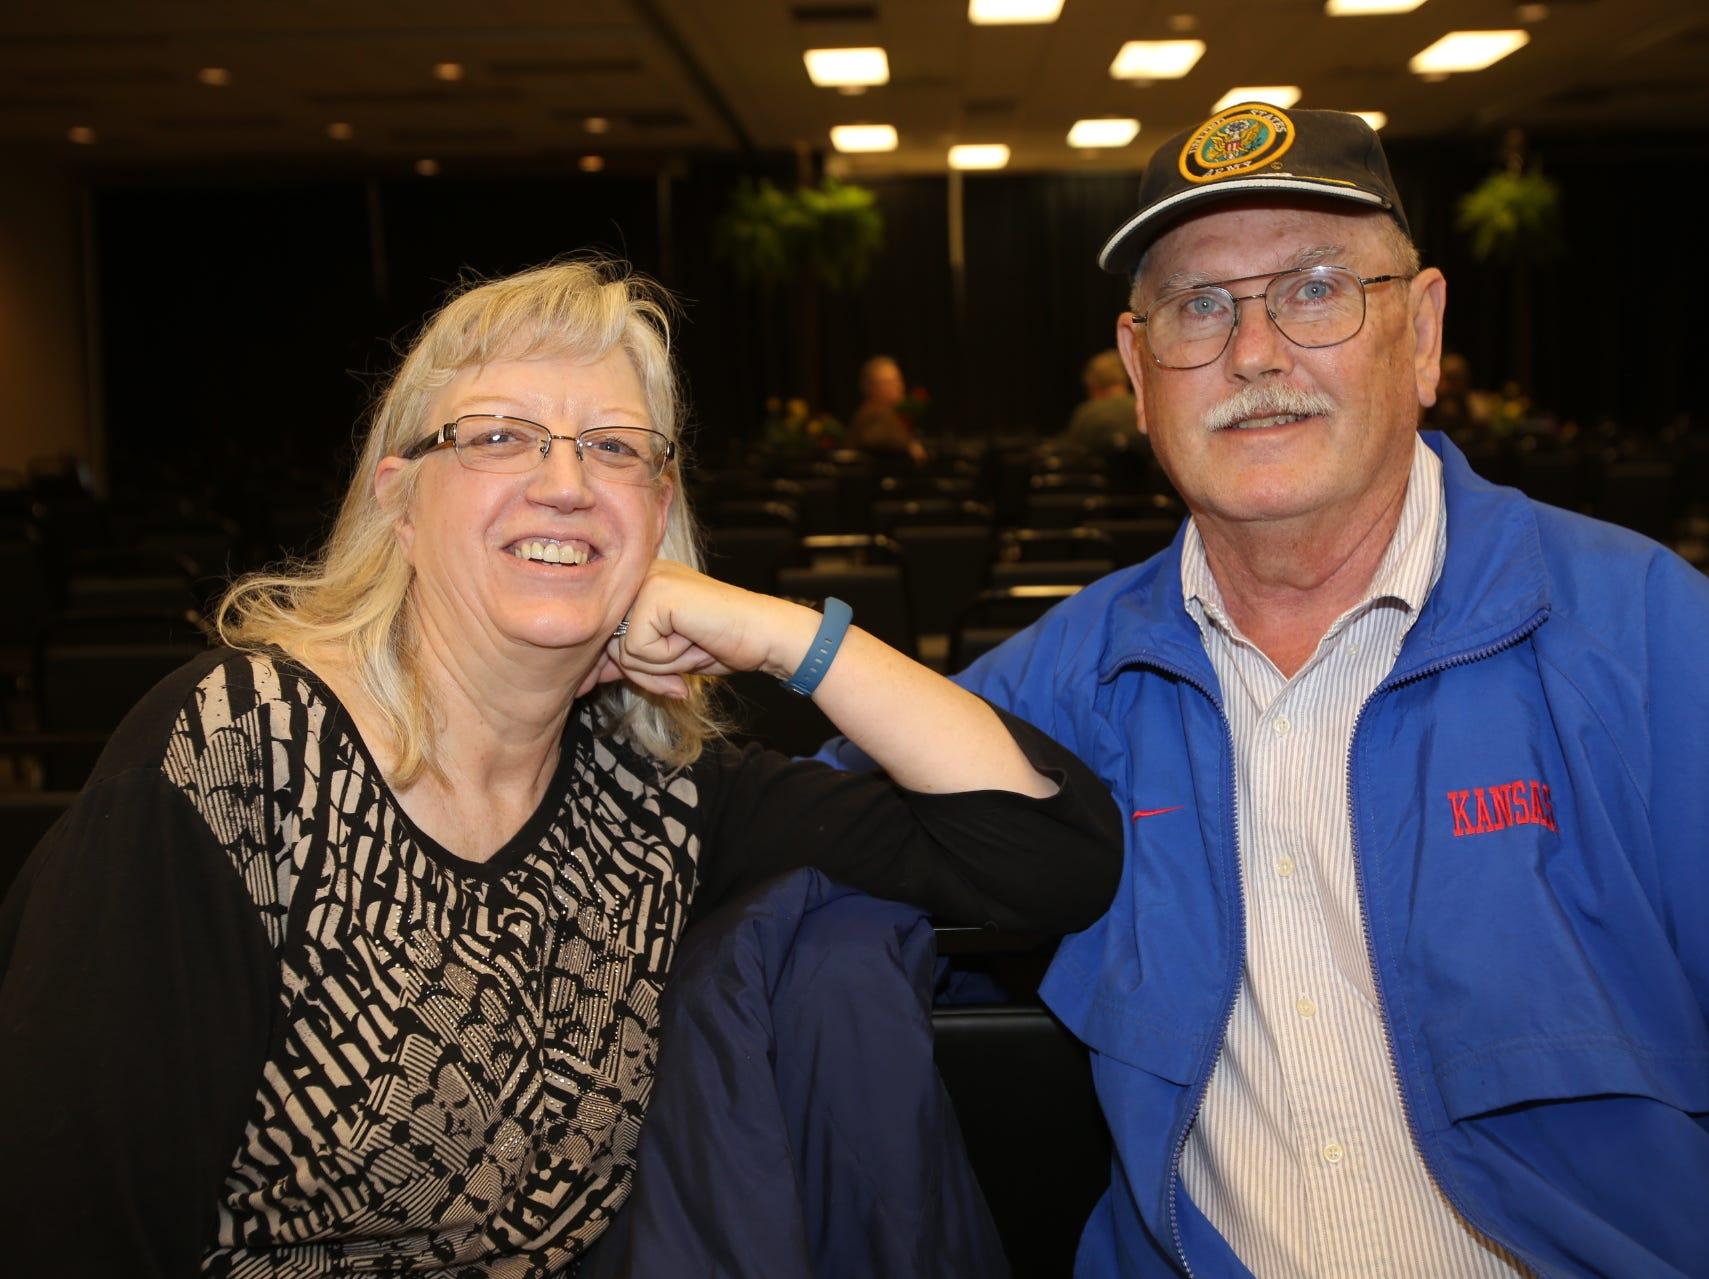 Mary and David Holloway